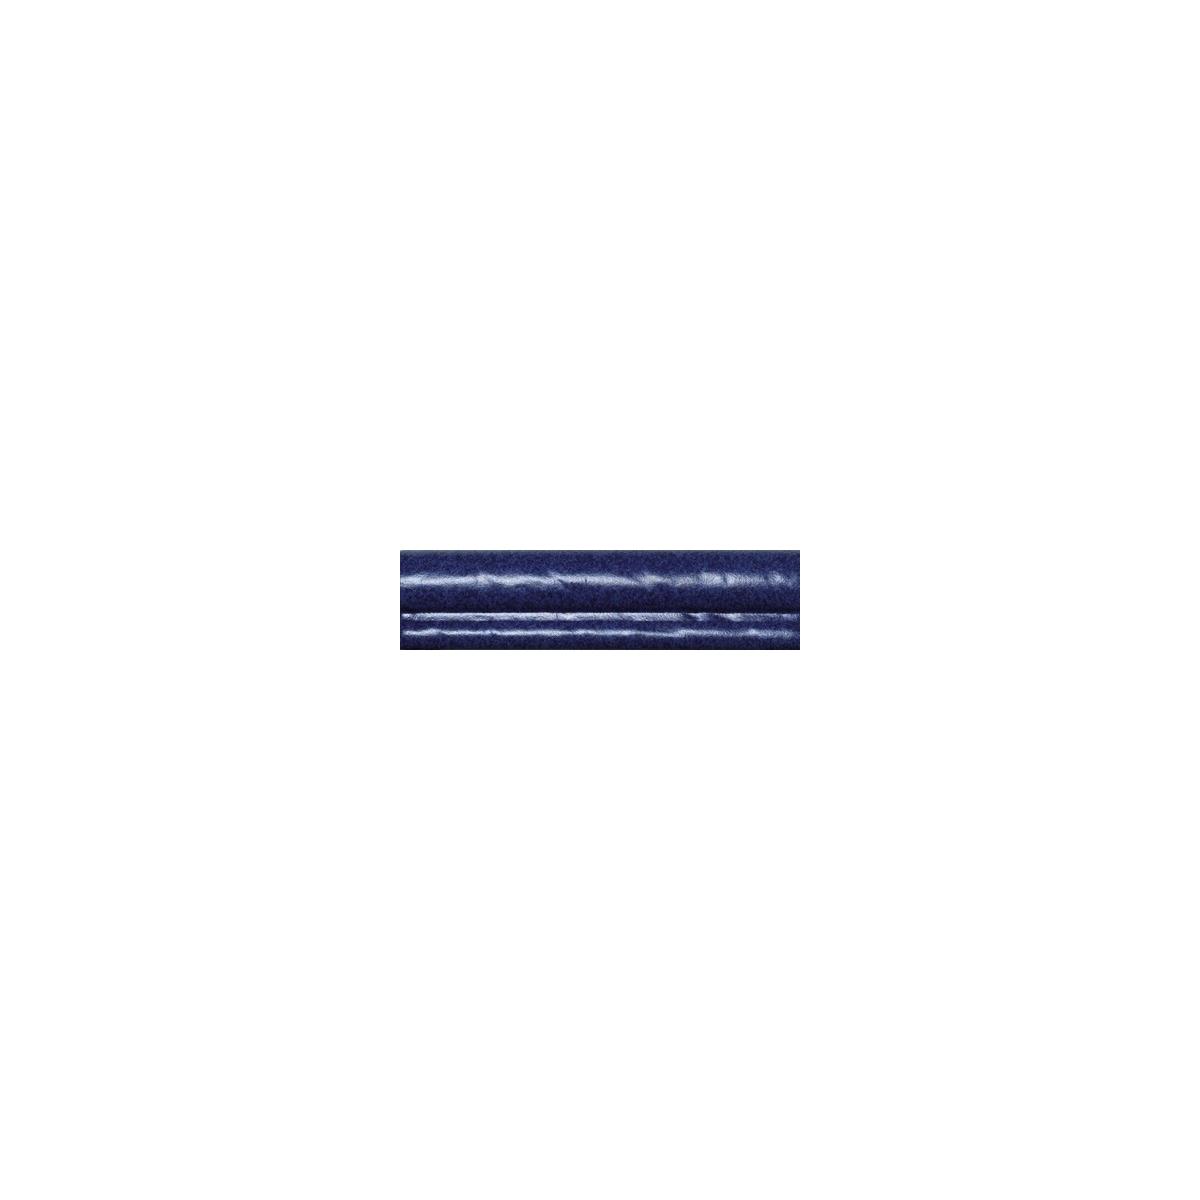 Moldura litos azul - Serie Aveiro - Marca Mainzu